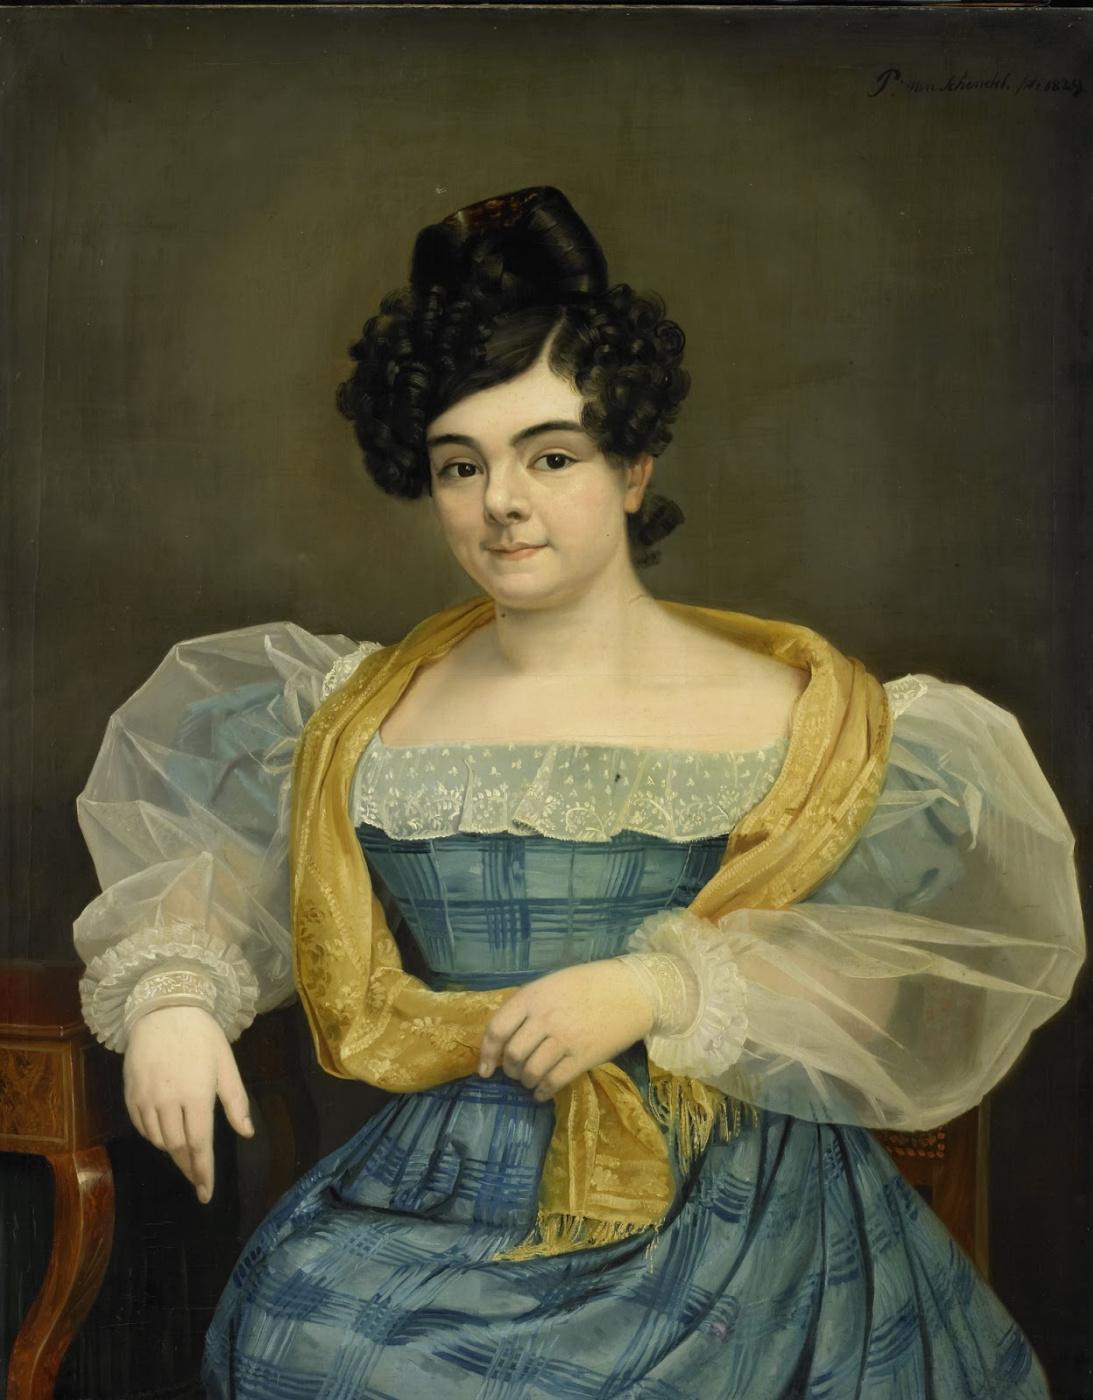 Petrus van Shendel. Portrait of Adriana Johanna van Wijk of his wife Johannes Plose van Amstel. 1829